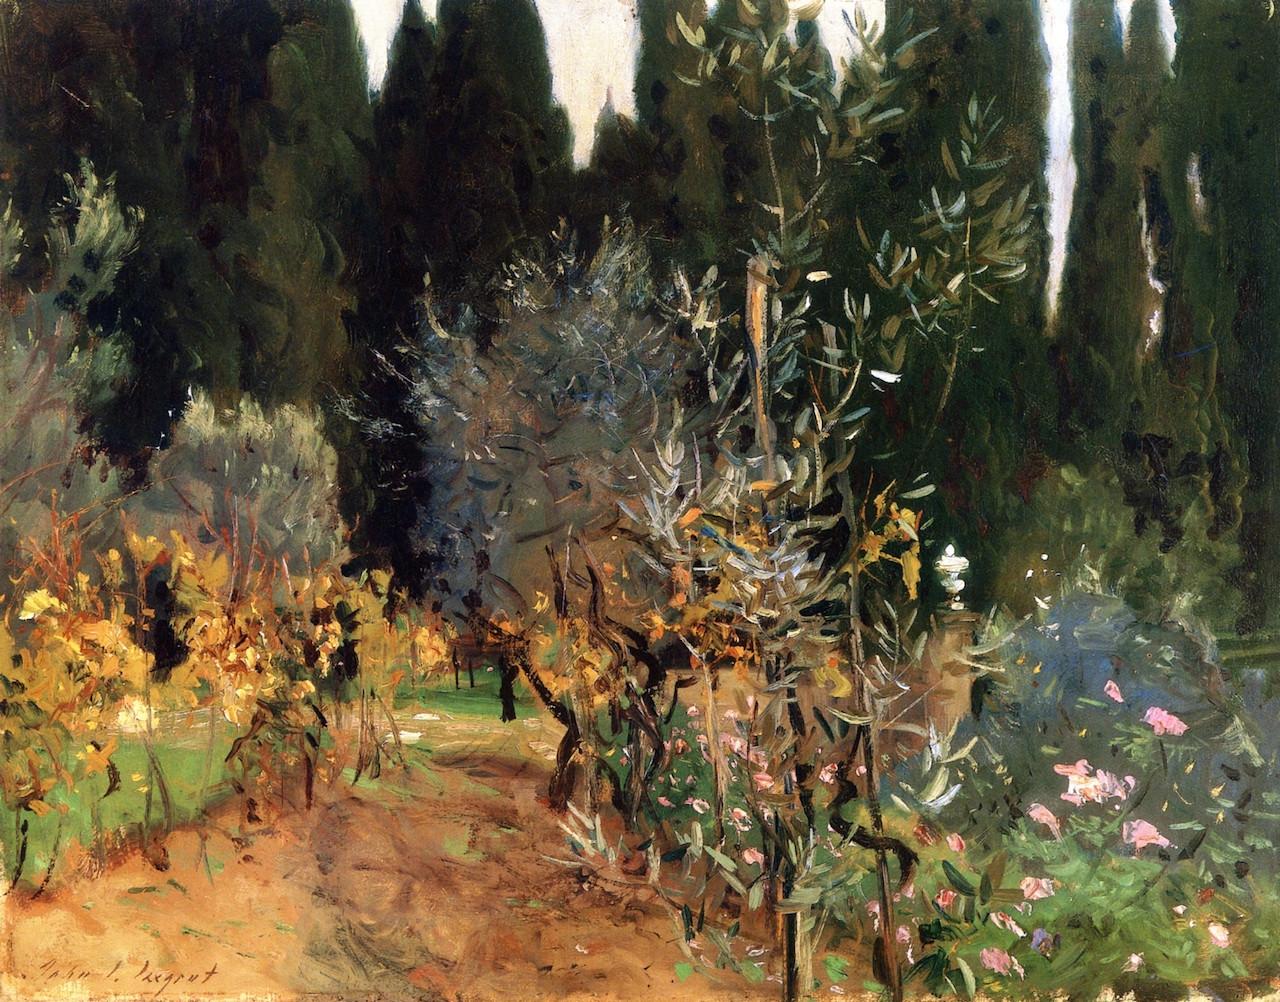 Florence: A Garden, 1910